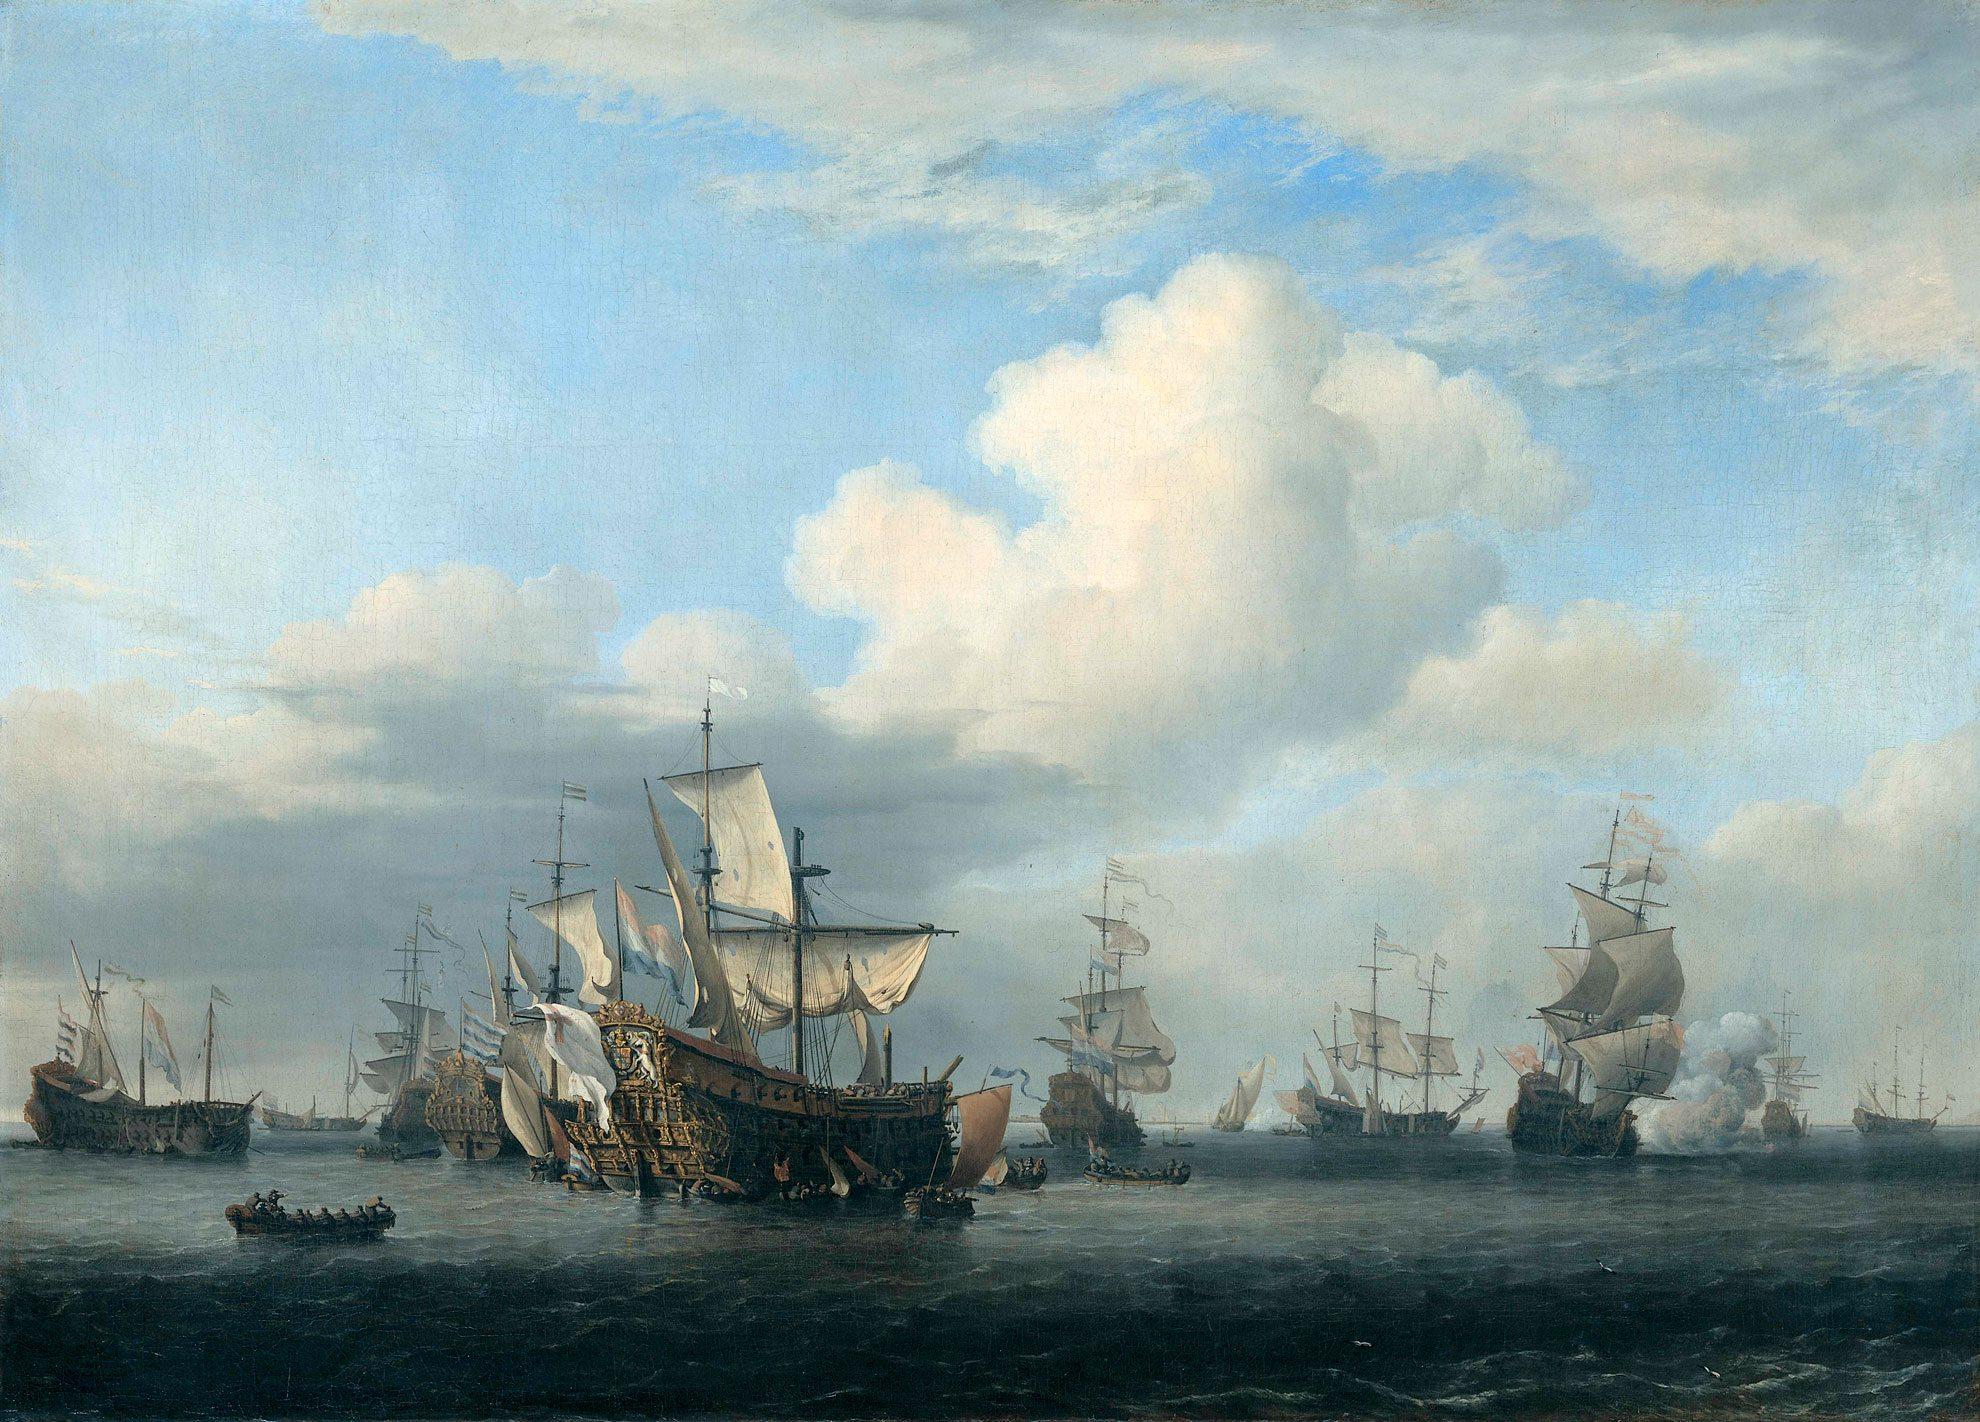 HMS Swiftsure - 70 działowy okręt liniowy III klasy. Okręt flagowy Admirała Penn'a podczas bitwy o Jamajkę. Obraz przedstawia utratę okrętu podczas Bitwy Czterodniowej z Holendrami.